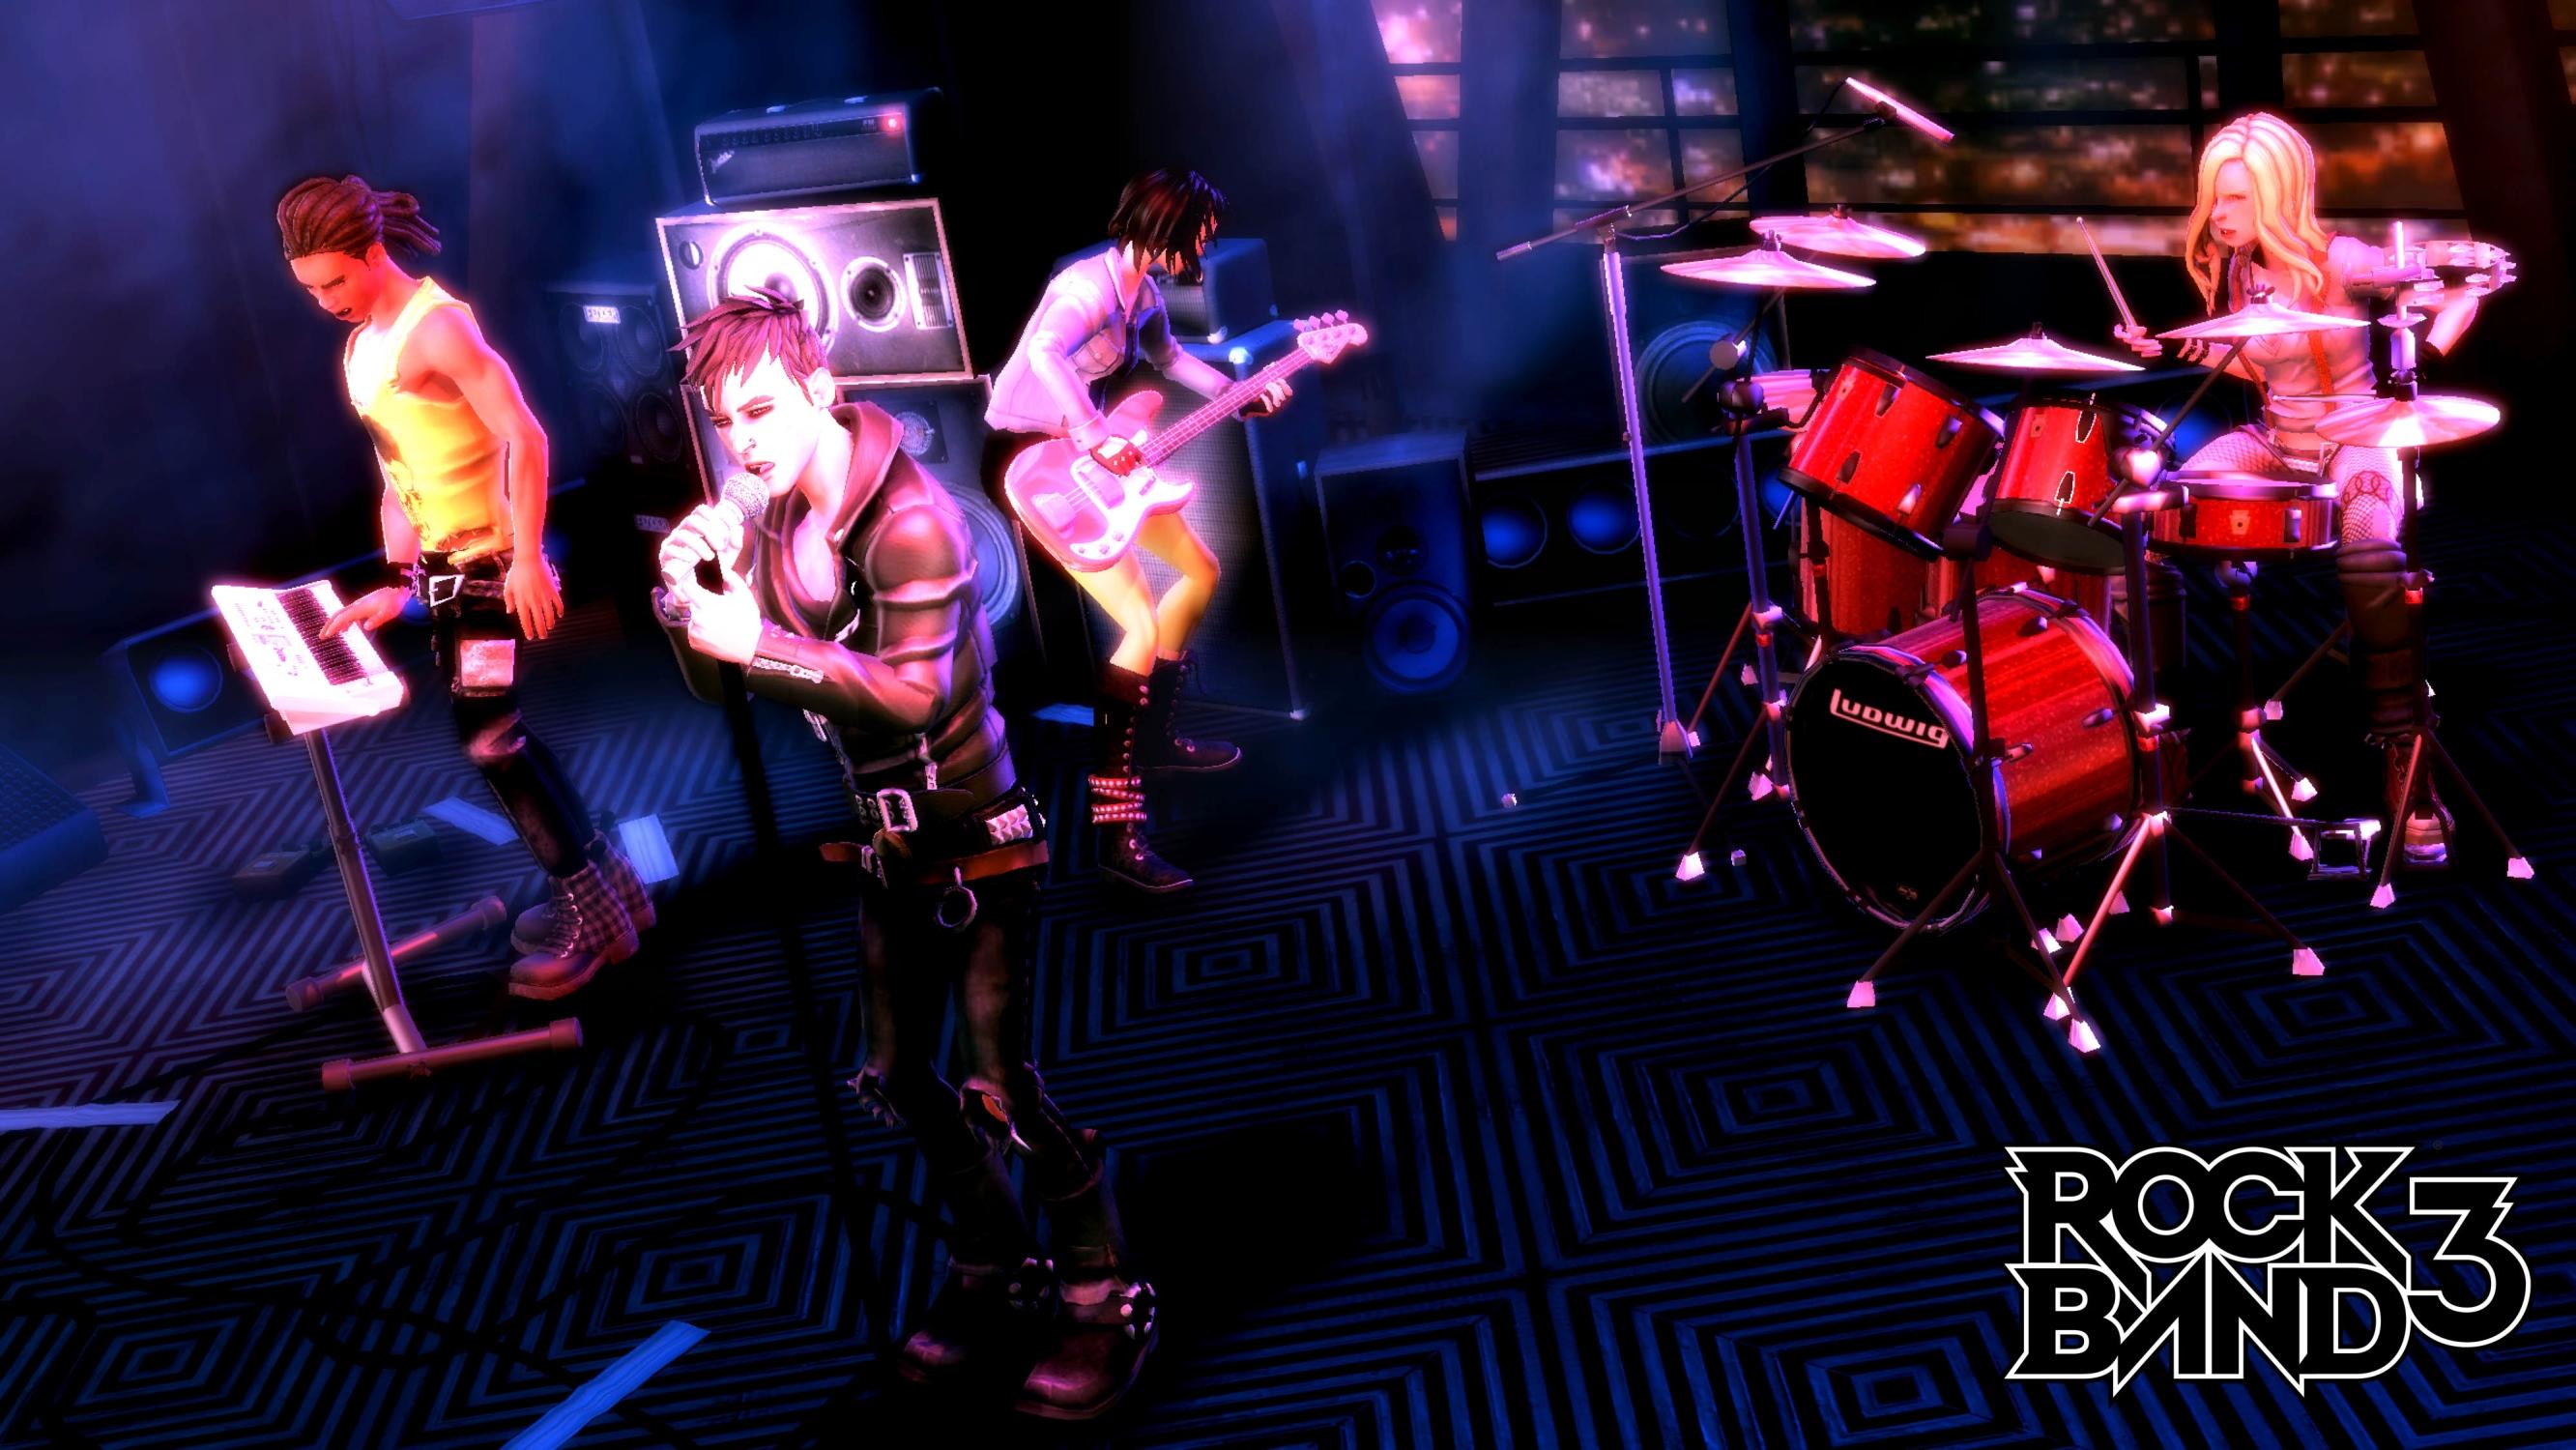 Rockband3